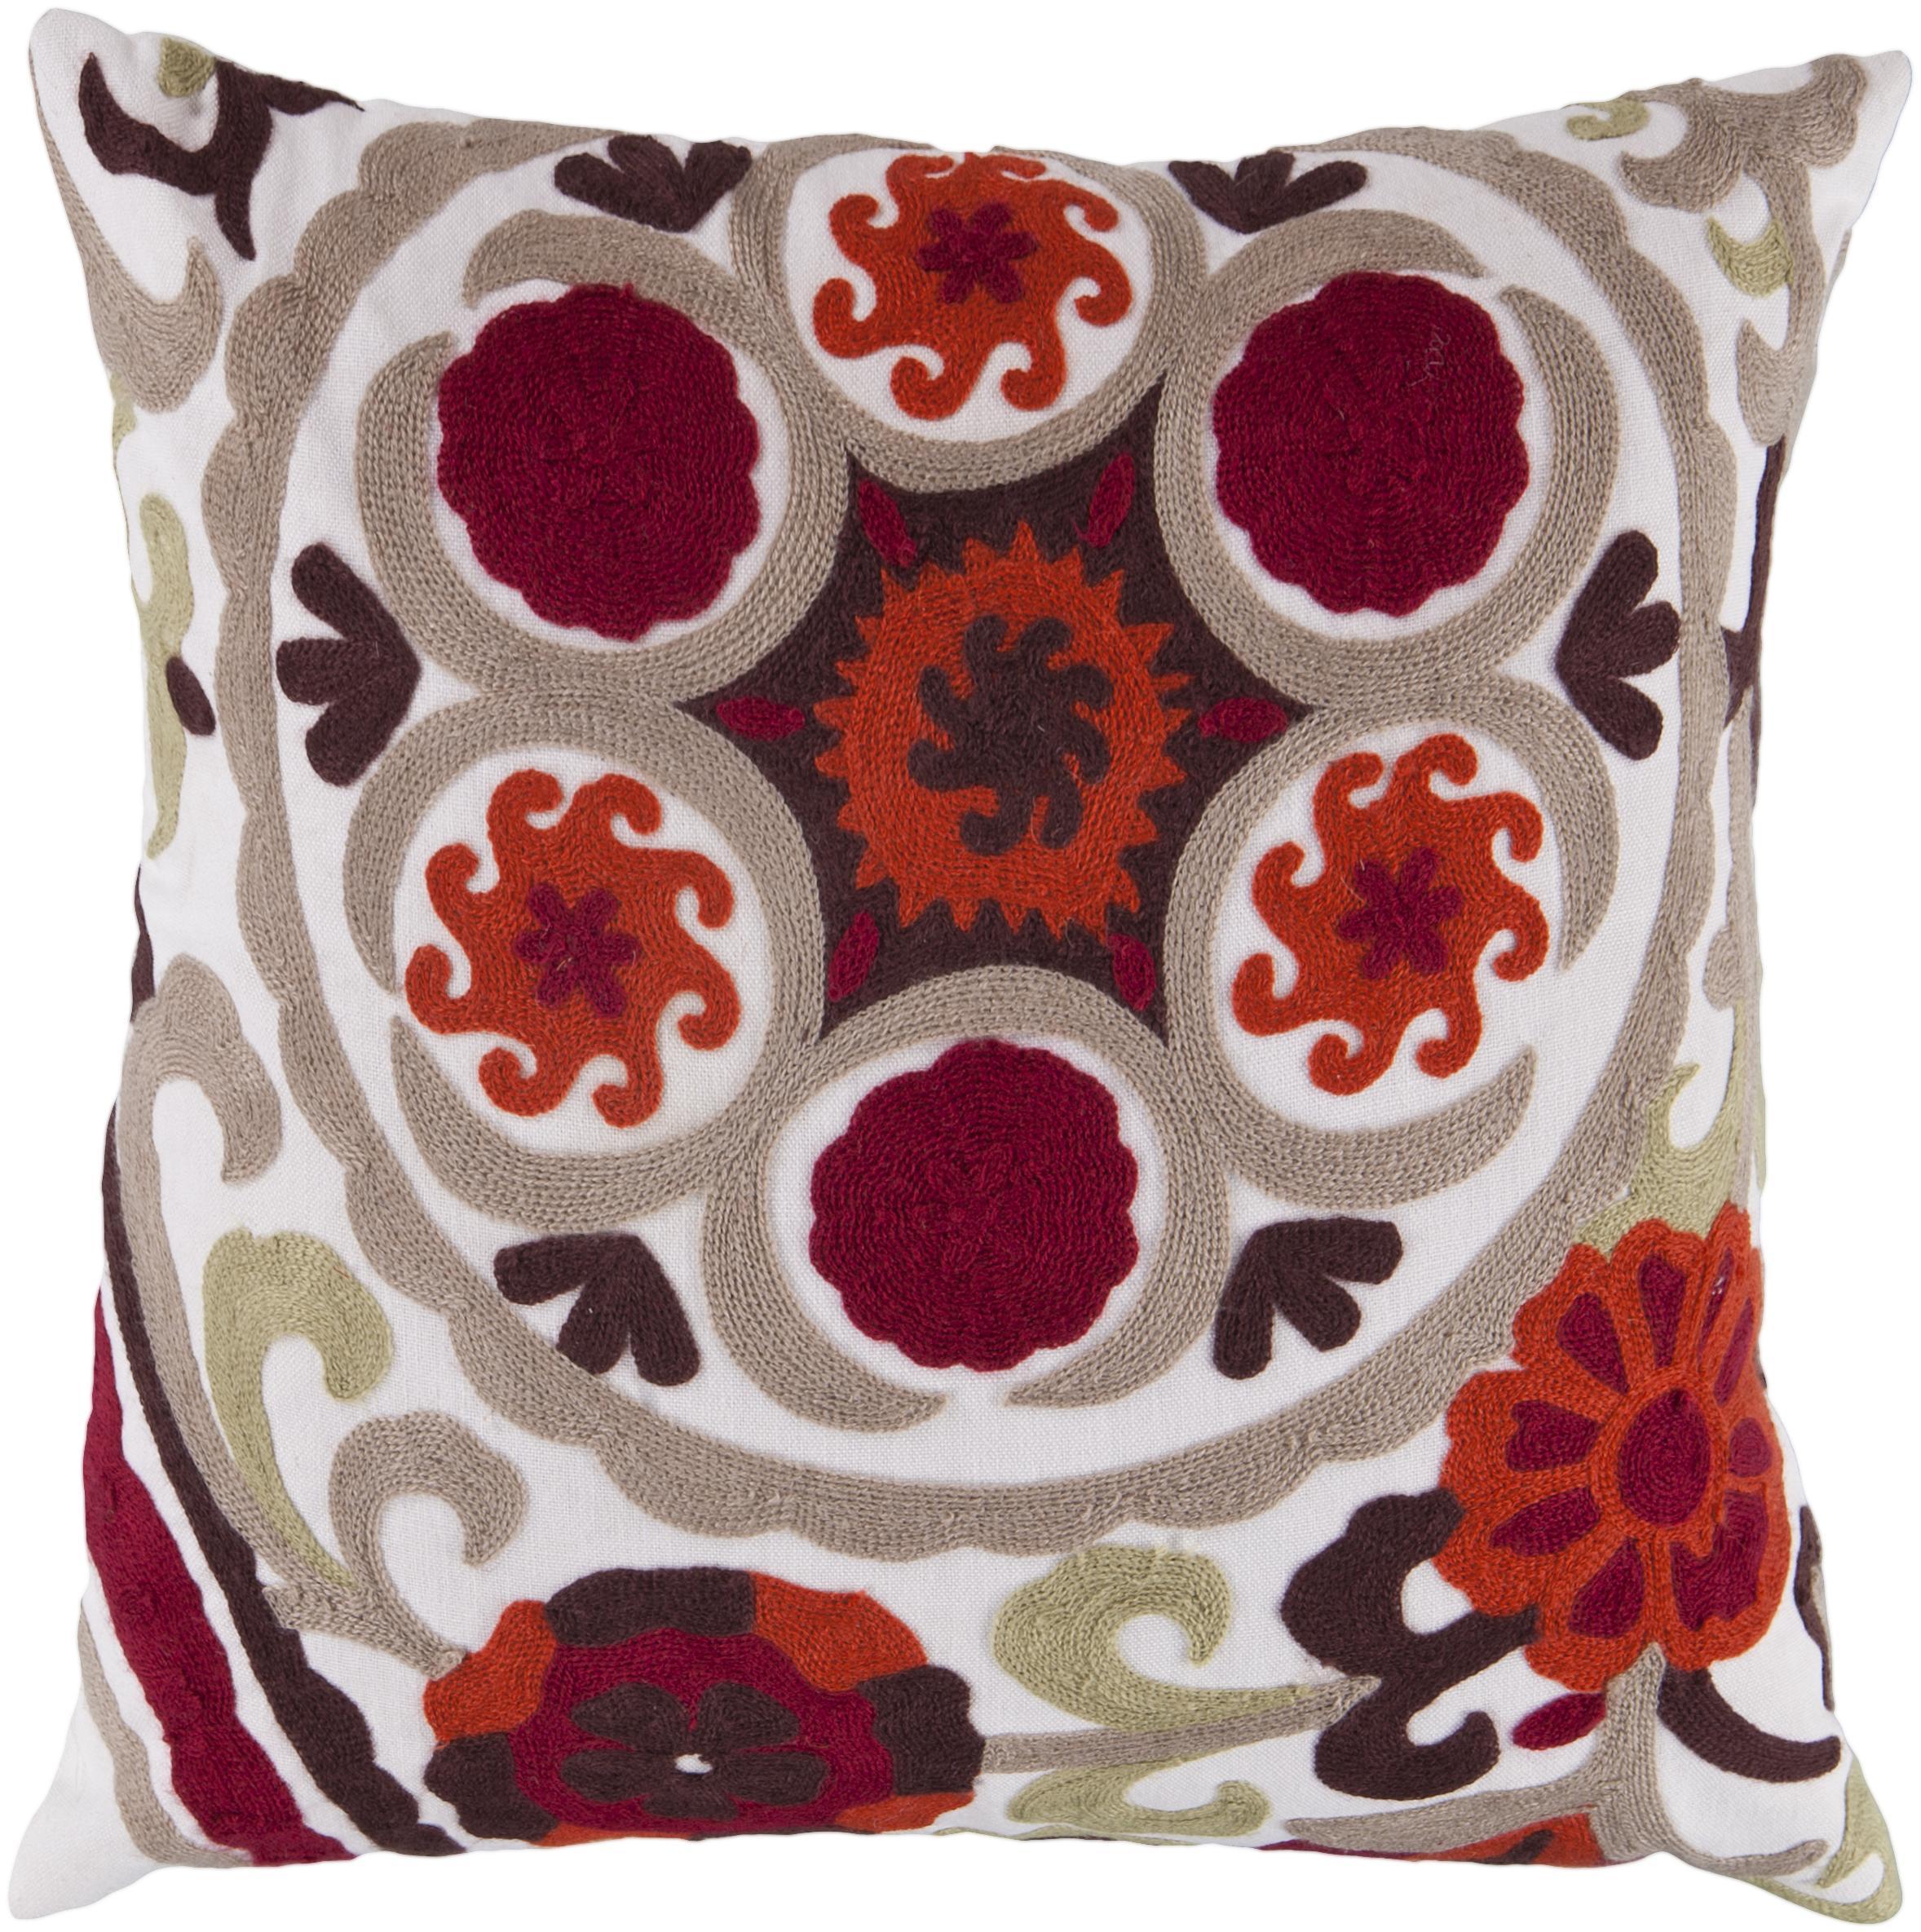 """Surya Pillows 18"""" x 18"""" Pillow - Item Number: FF028-1818P"""